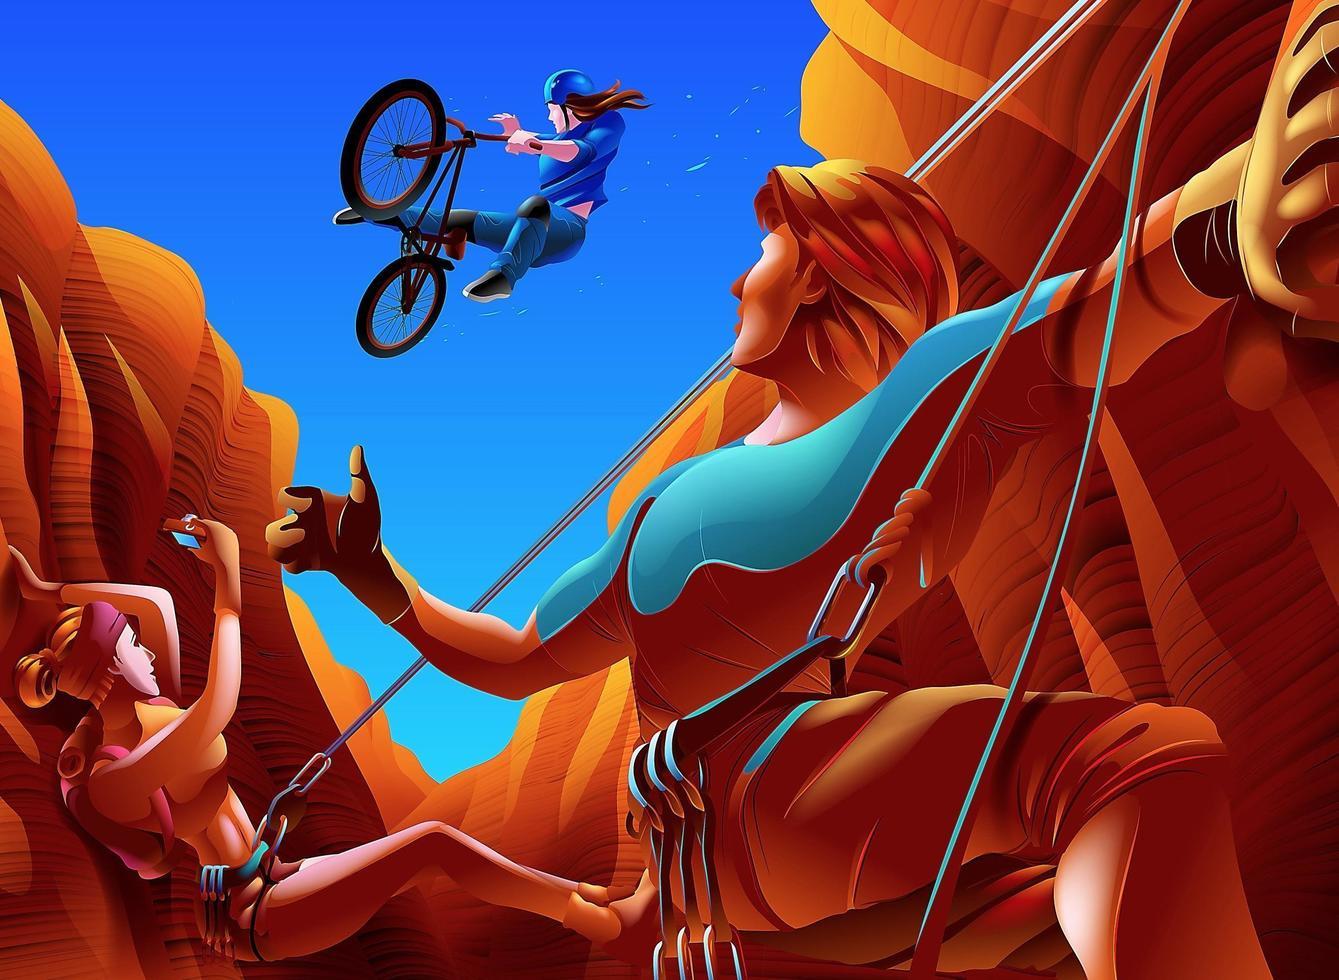 Couple, escalade, entre, canyon, gorge, cycliste, sauter, travers vecteur